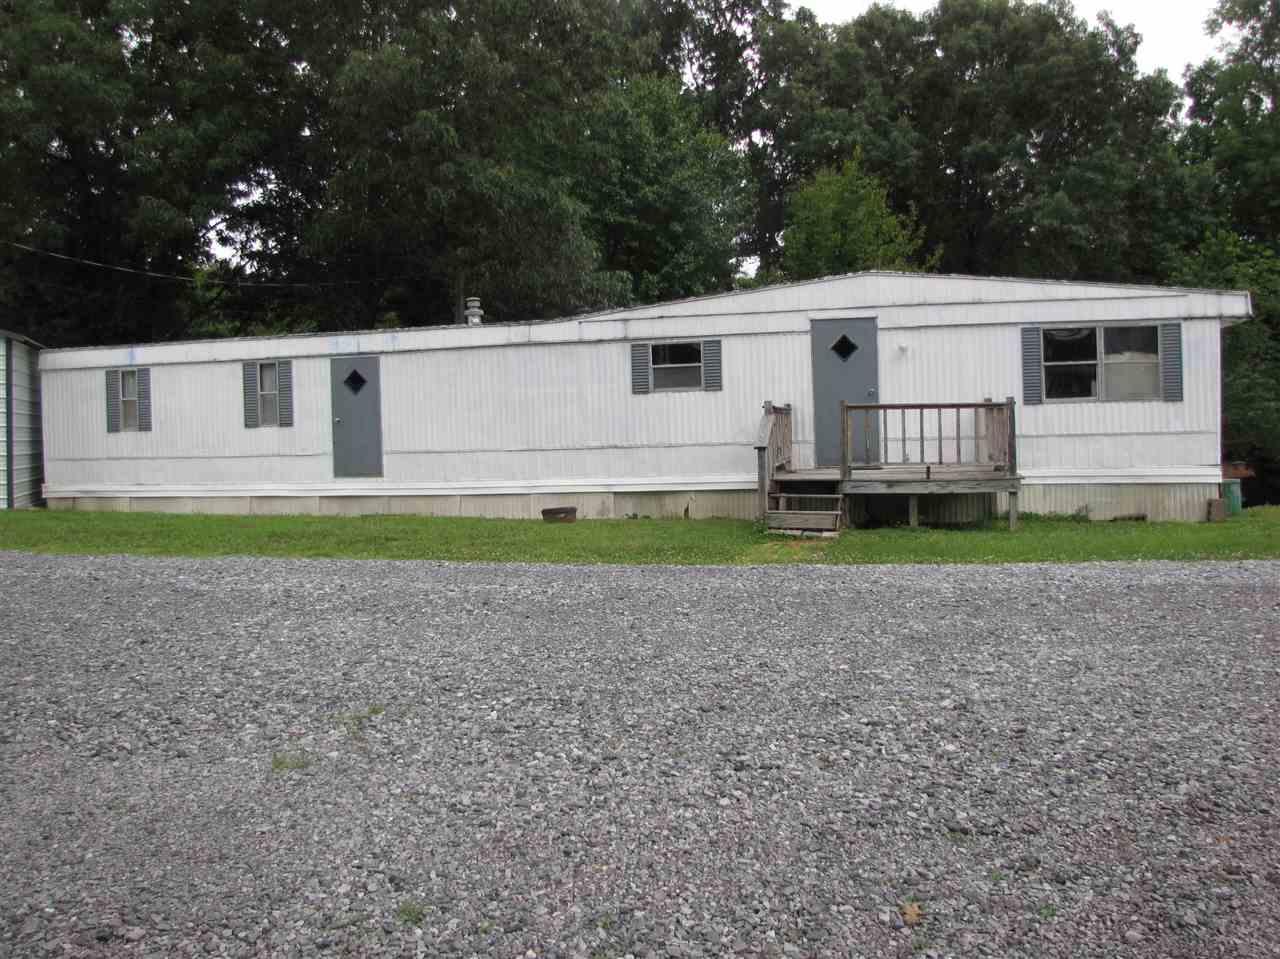 Real Estate for Sale, ListingId: 33942003, Gilbertsville,KY42044